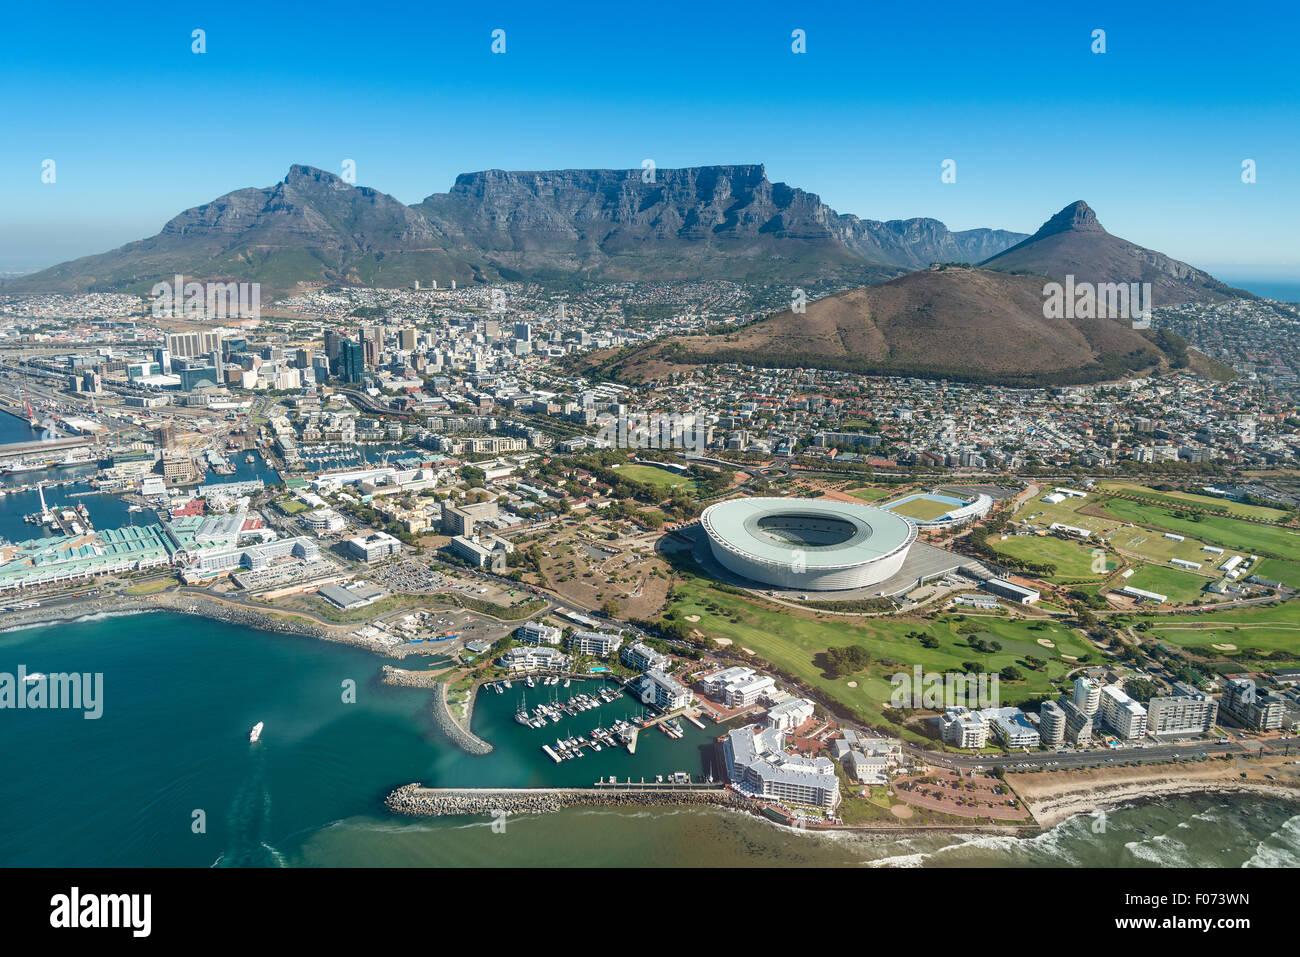 Vue aérienne de Cape Town, Western Cape Province, République d'Afrique du Sud Banque D'Images